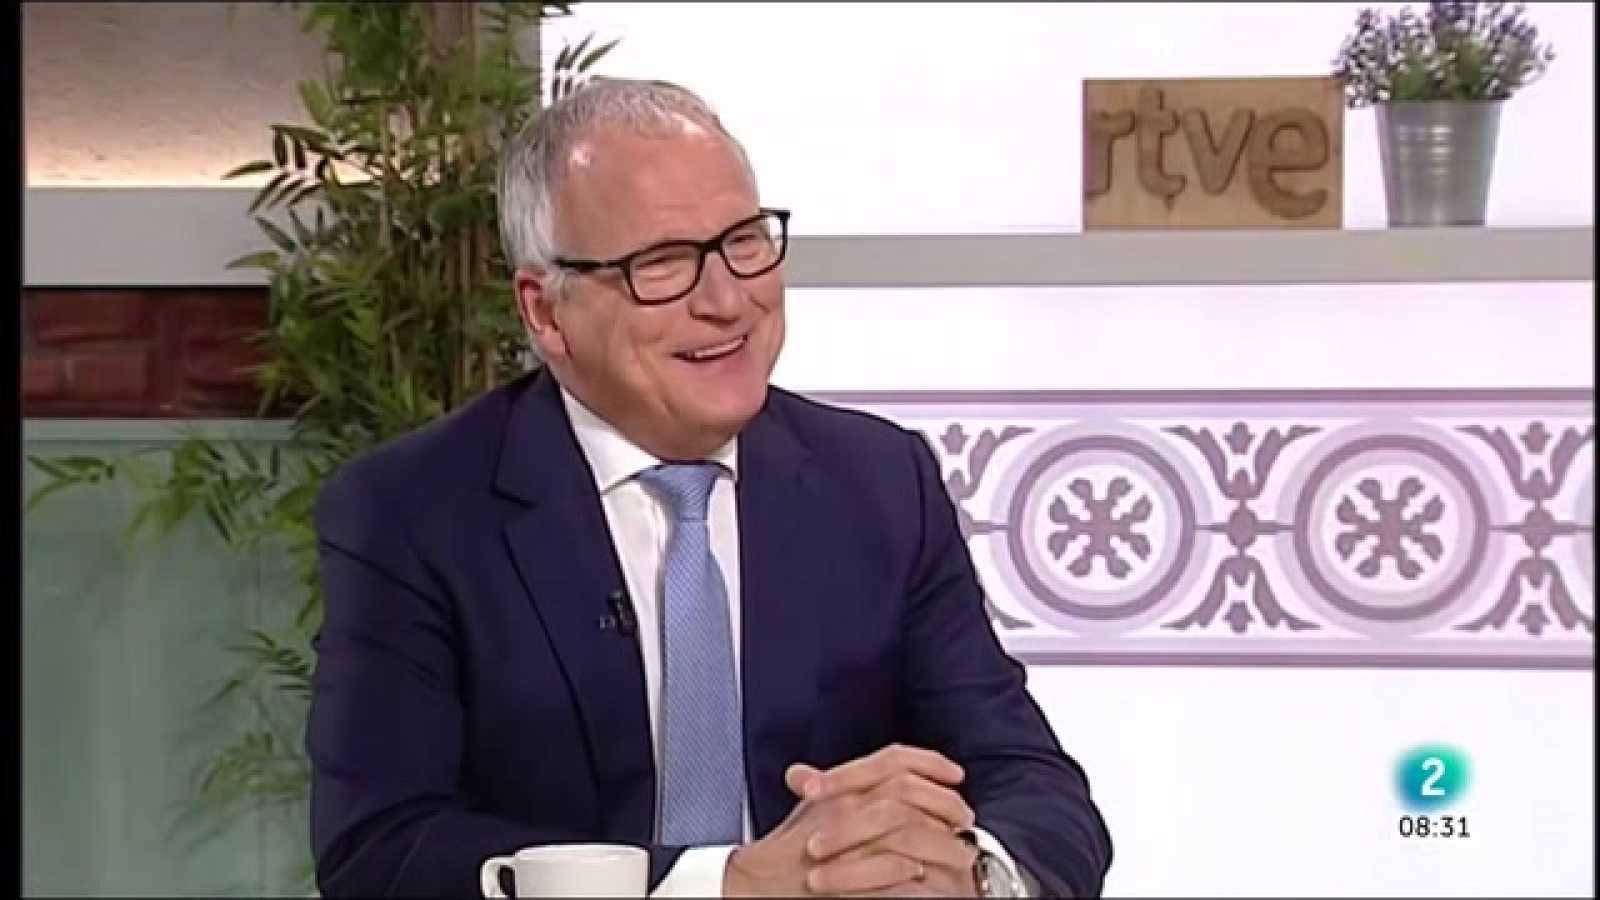 Gemma Nierga entrevista Josep Bou, president del PP a l'Ajuntament de Barcelona